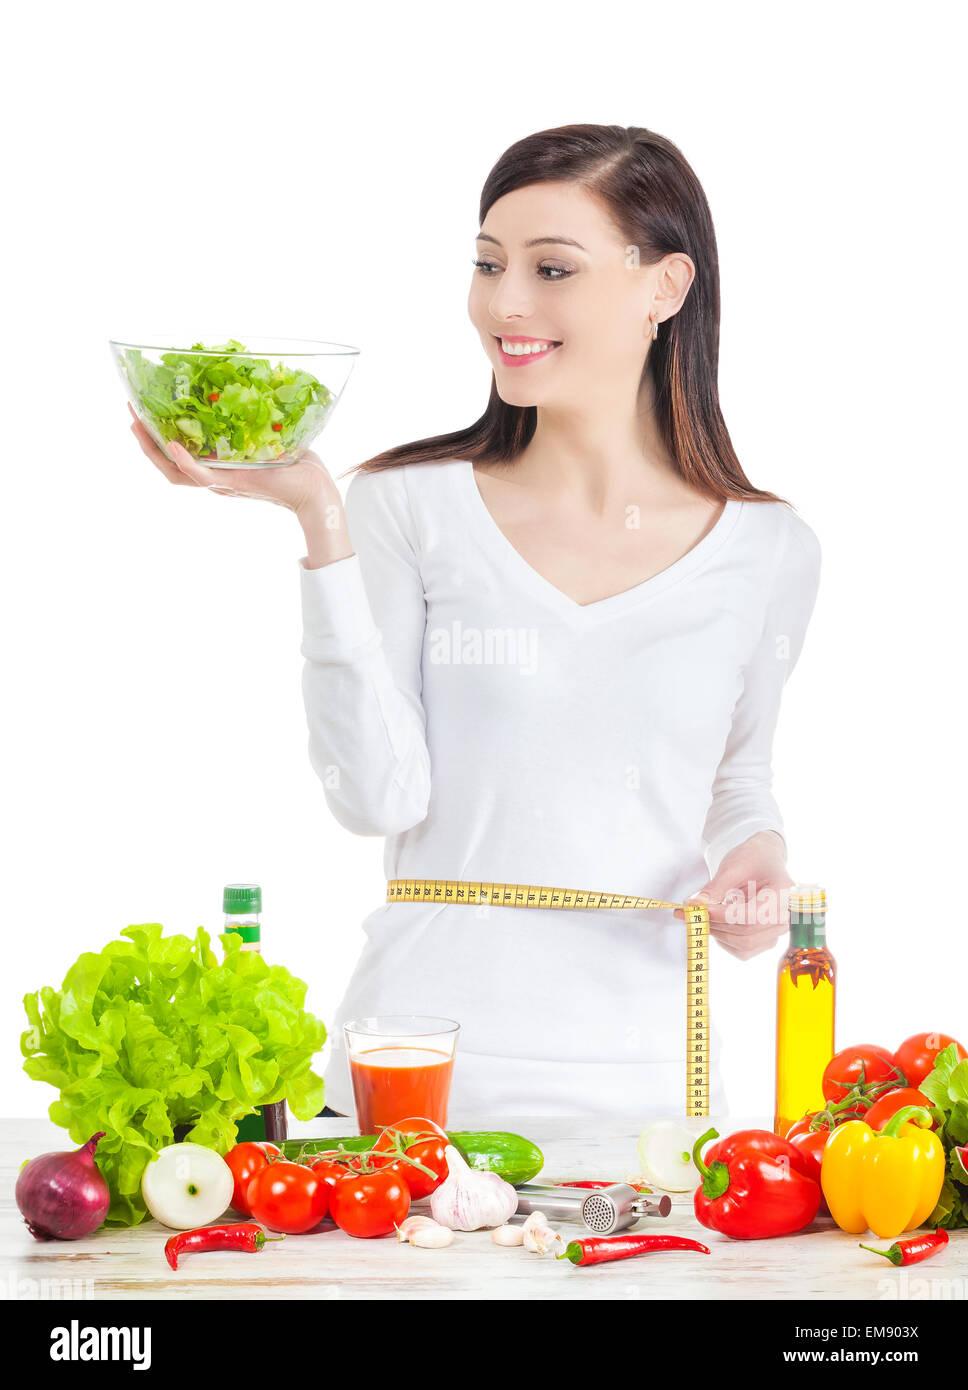 Joven Mujer feliz con ensalada, midiendo su cintura. Comida sana ans concepto de estilo de vida. Foto de stock